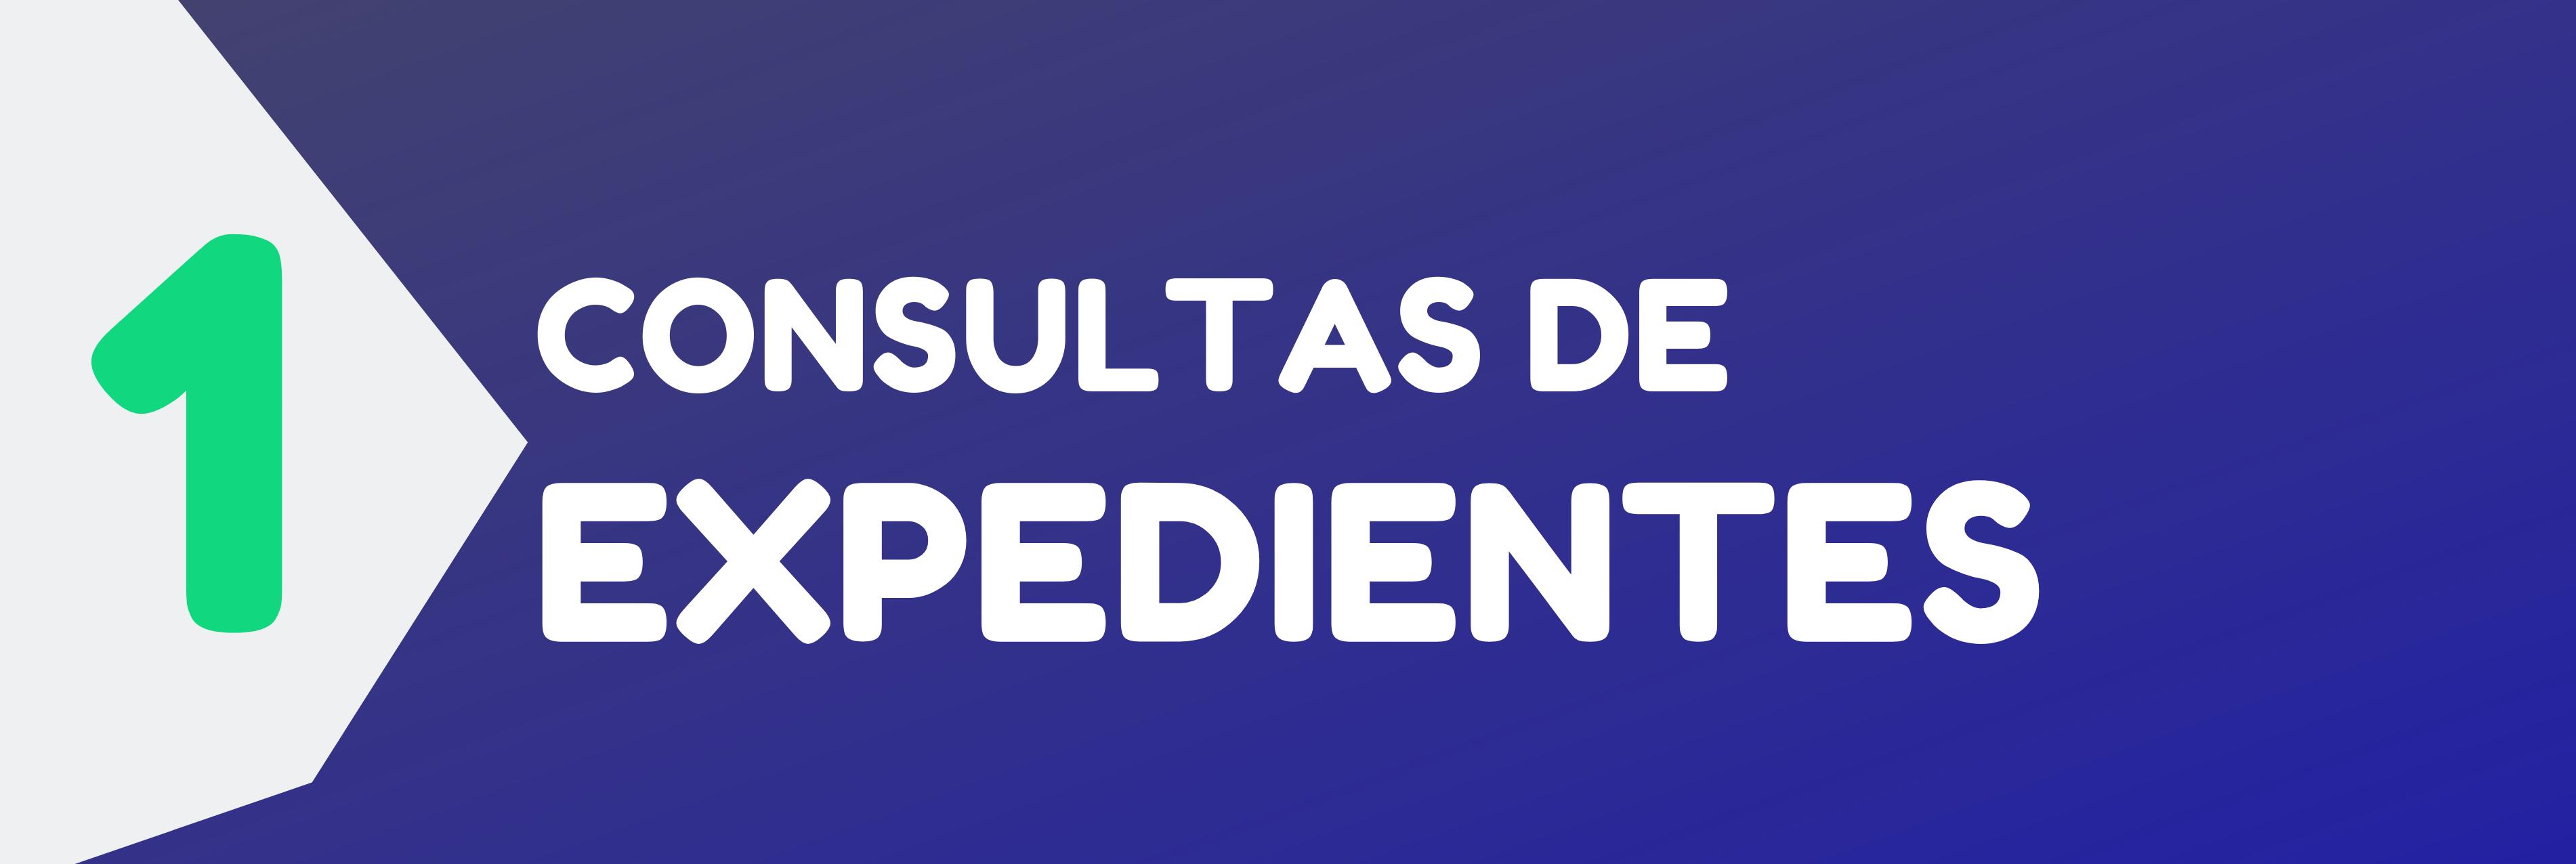 http://ccmagangue.org.co/media/imagenes/serviciosvirtuales/consultasdeexpedientes